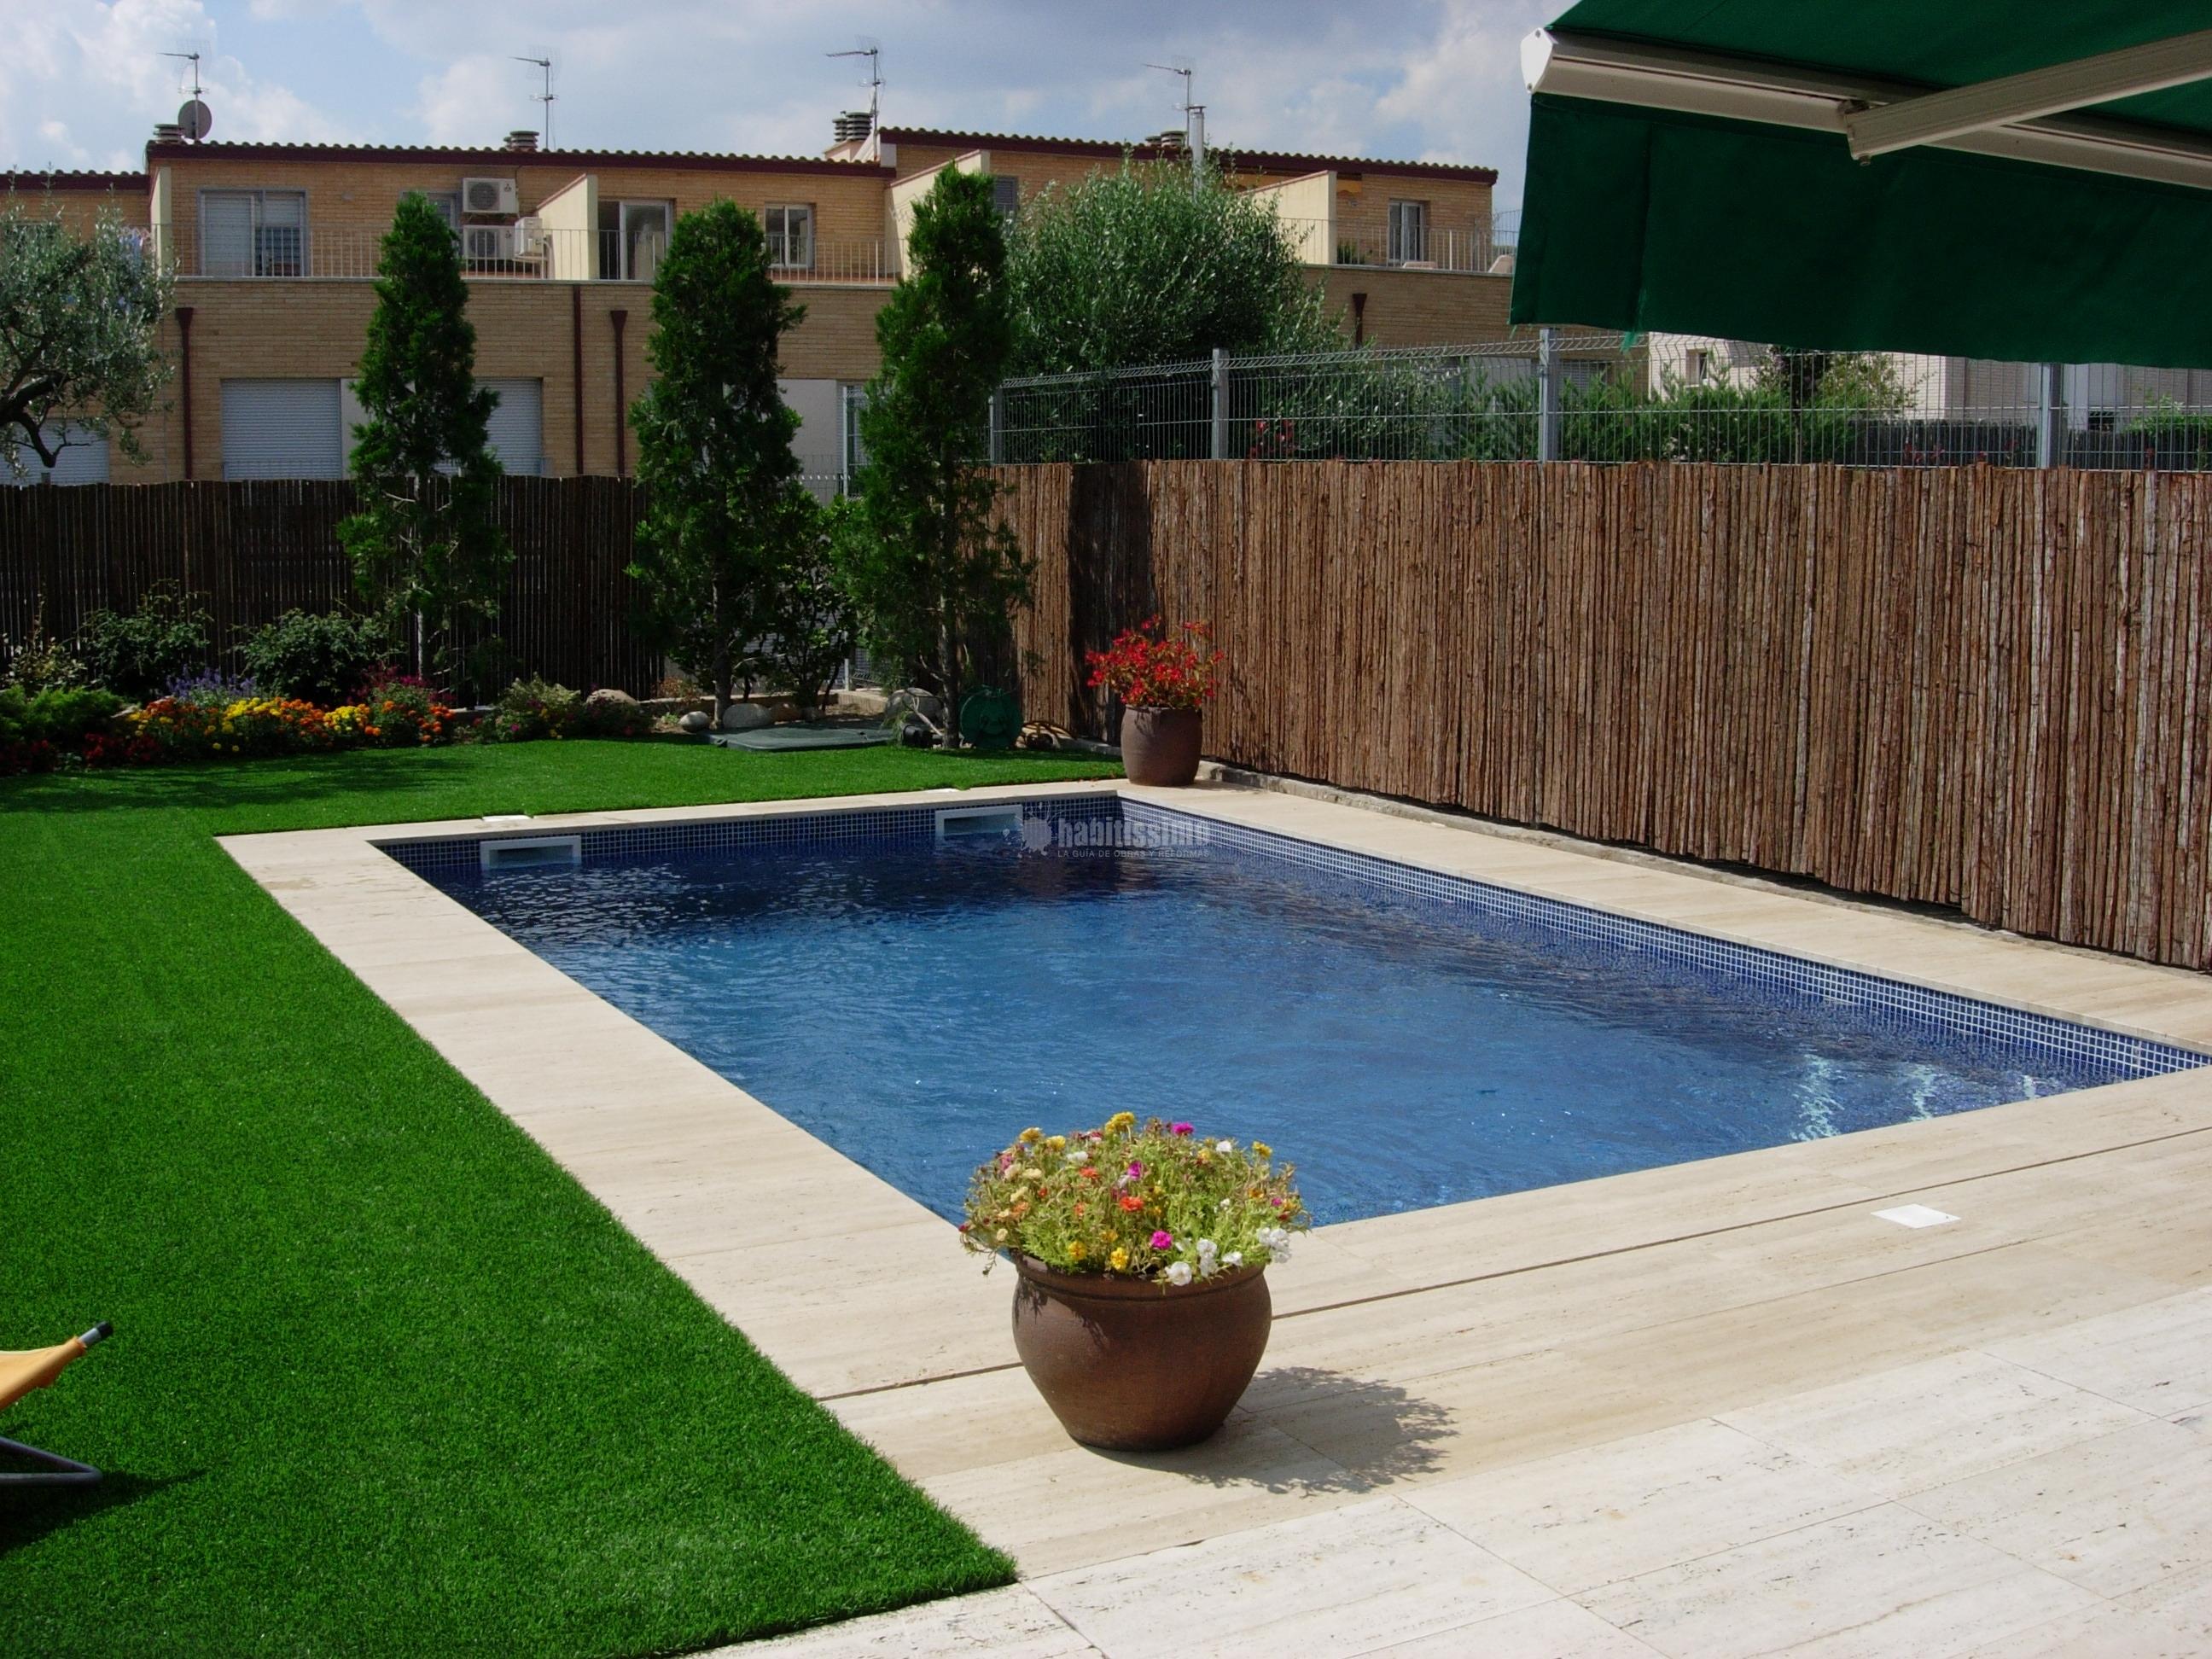 Piscina igualada ideas construcci n piscinas - Construccion piscinas barcelona ...